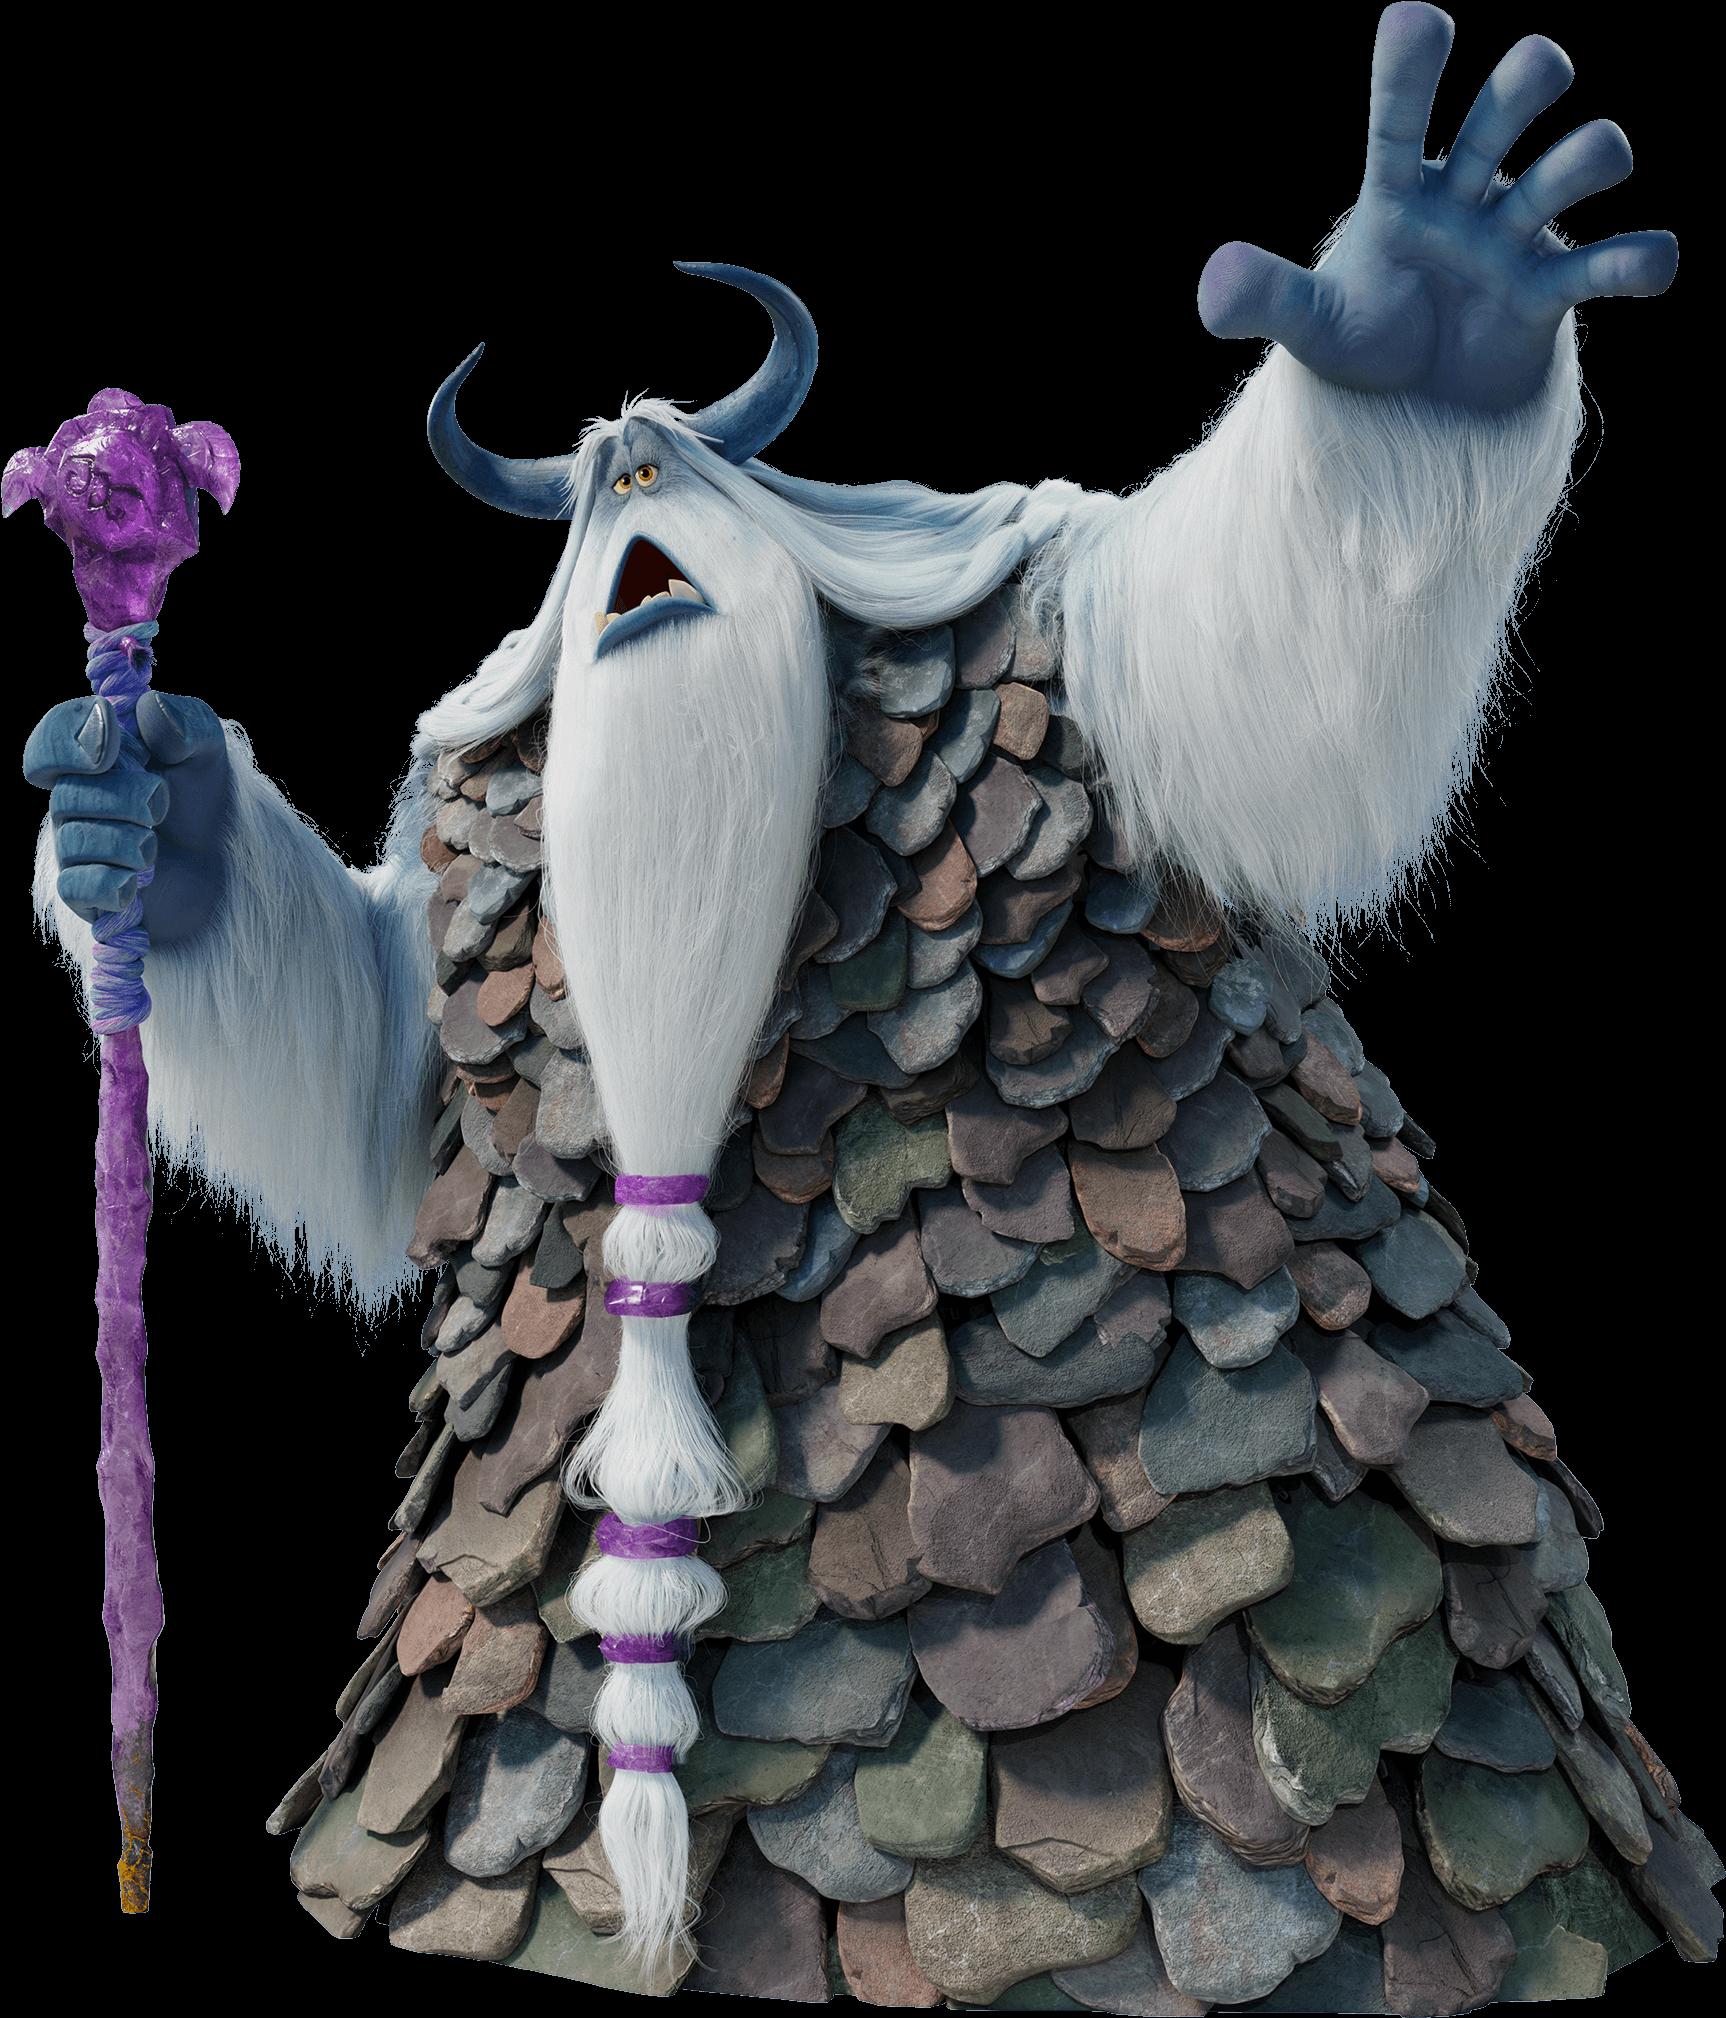 Stonekeeper | Warner Bros. Entertainment Wiki | FANDOM ... - photo#39